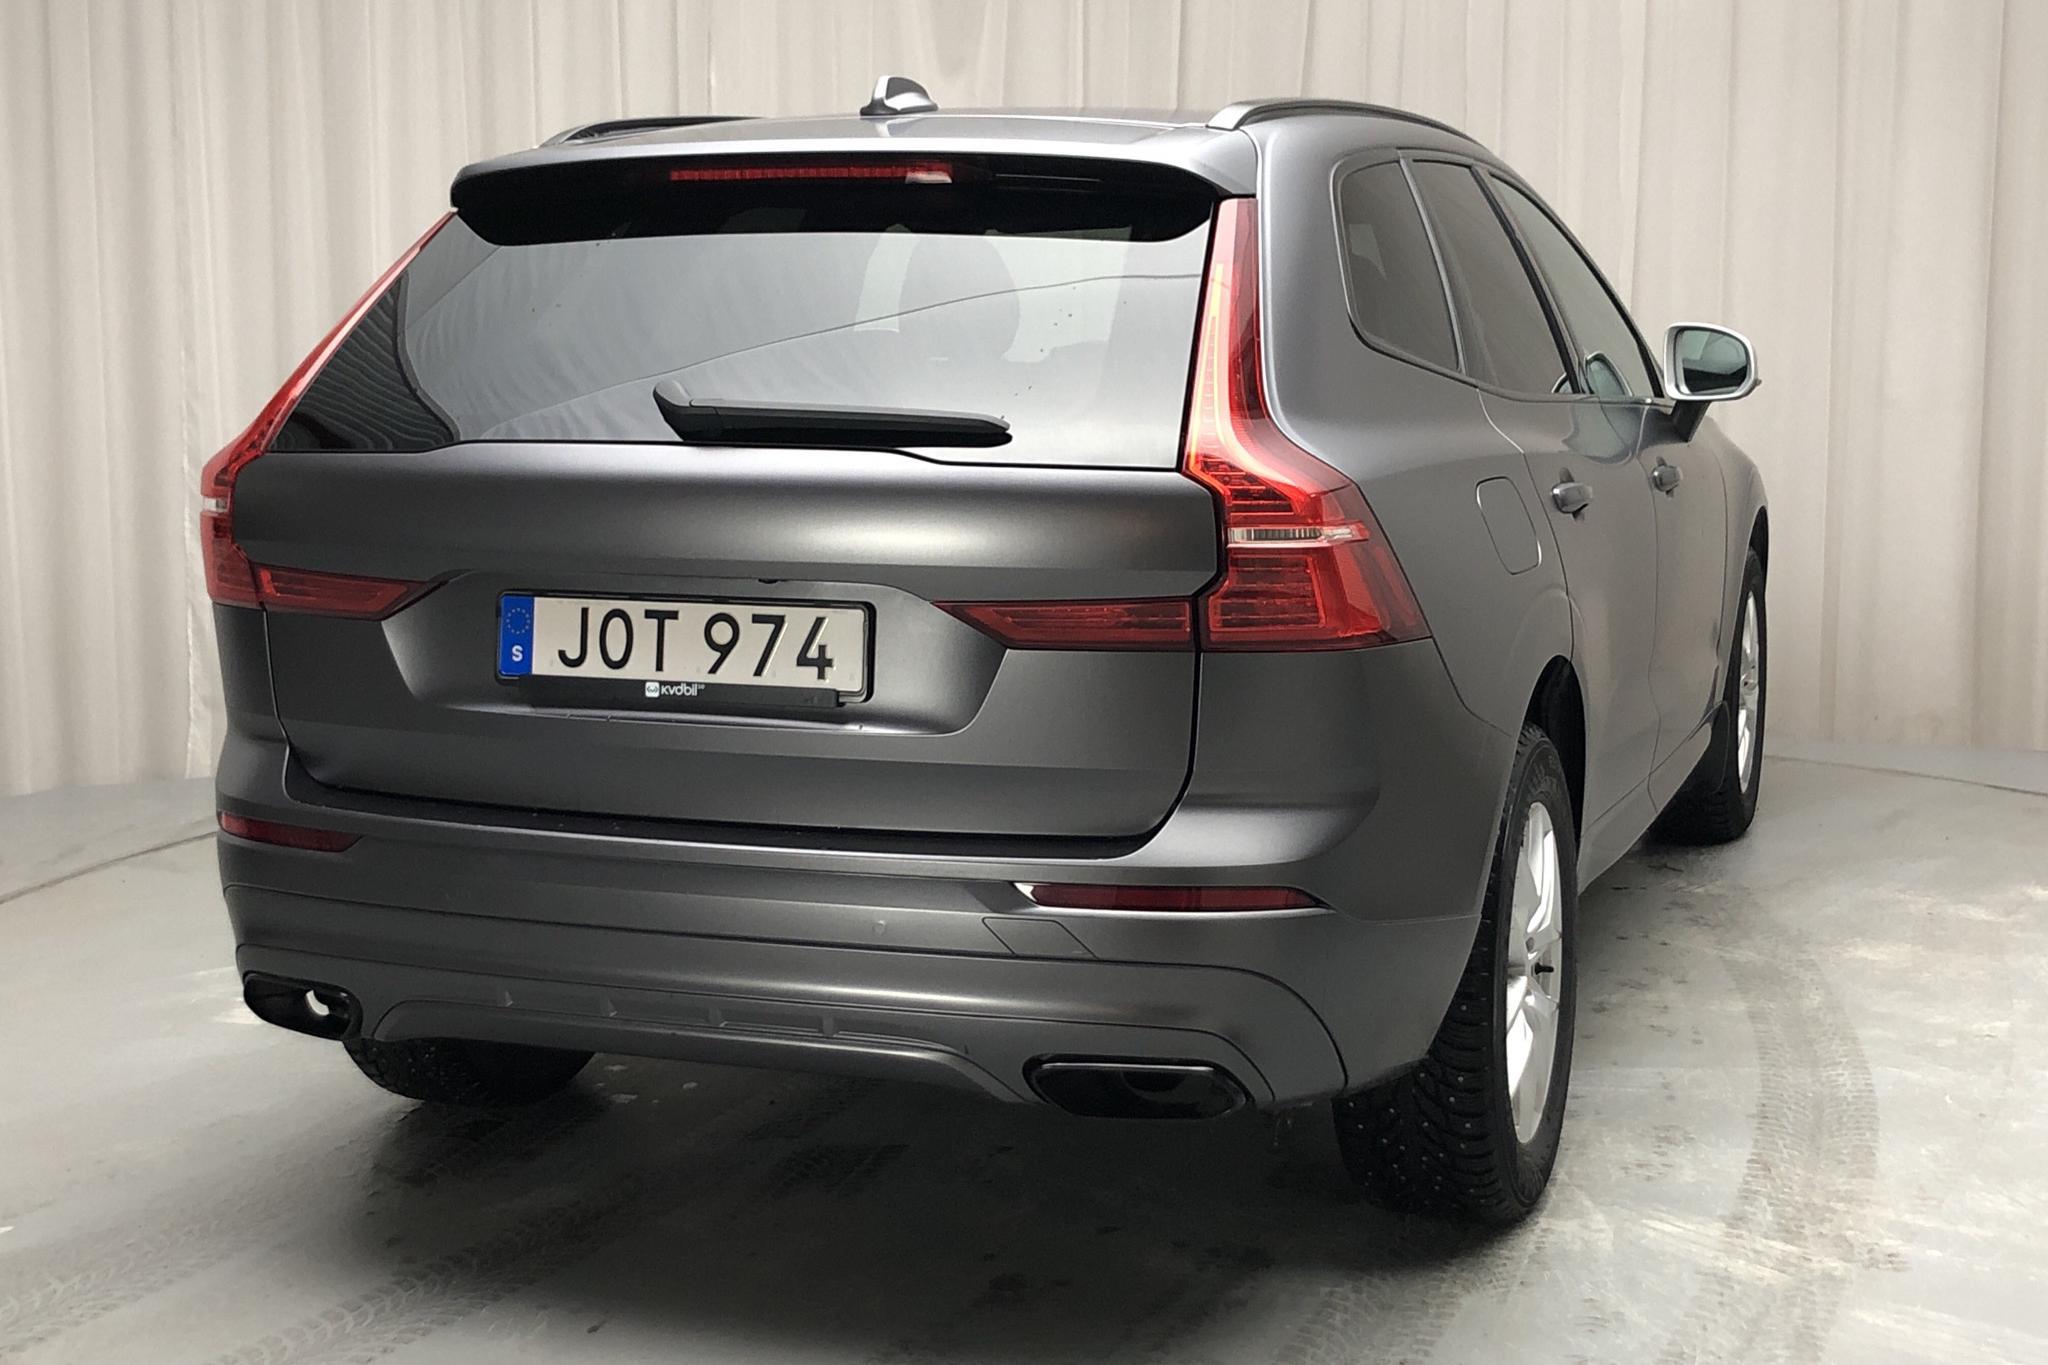 Volvo XC60 T8 AWD Twin Engine (407hk) - 8 291 mil - Automat - svart - 2018